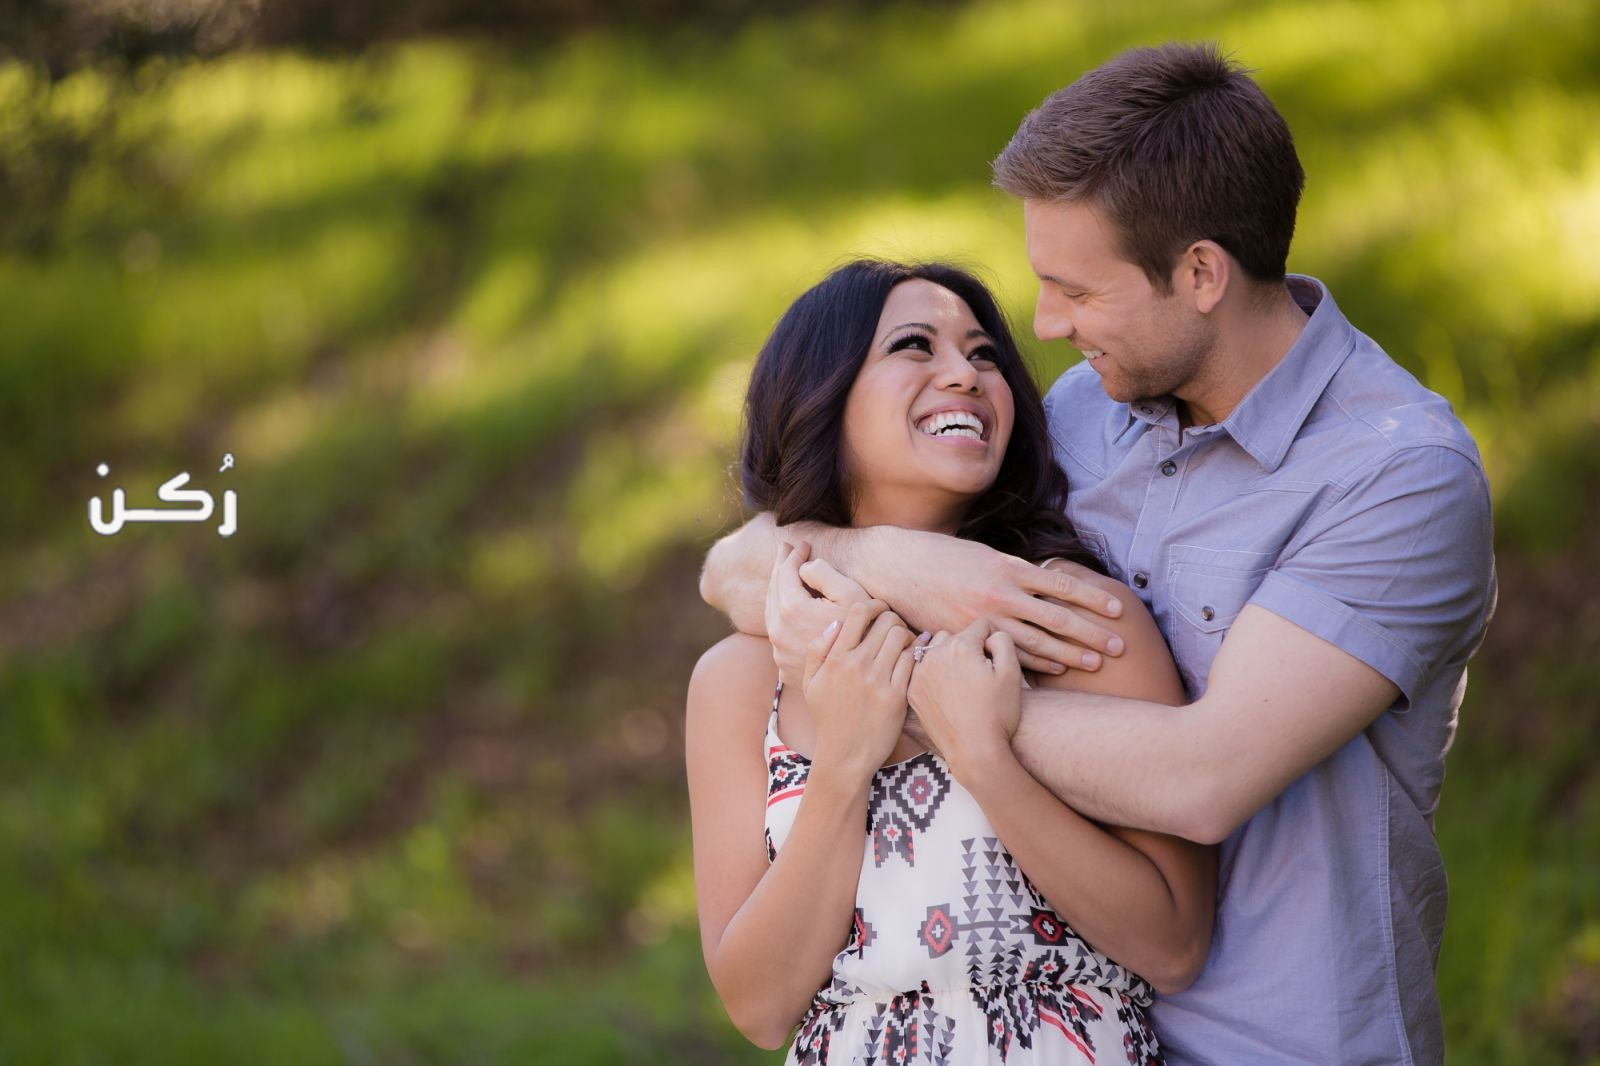 تعرف على أهمية الذكاء العاطفي بين الزوجين